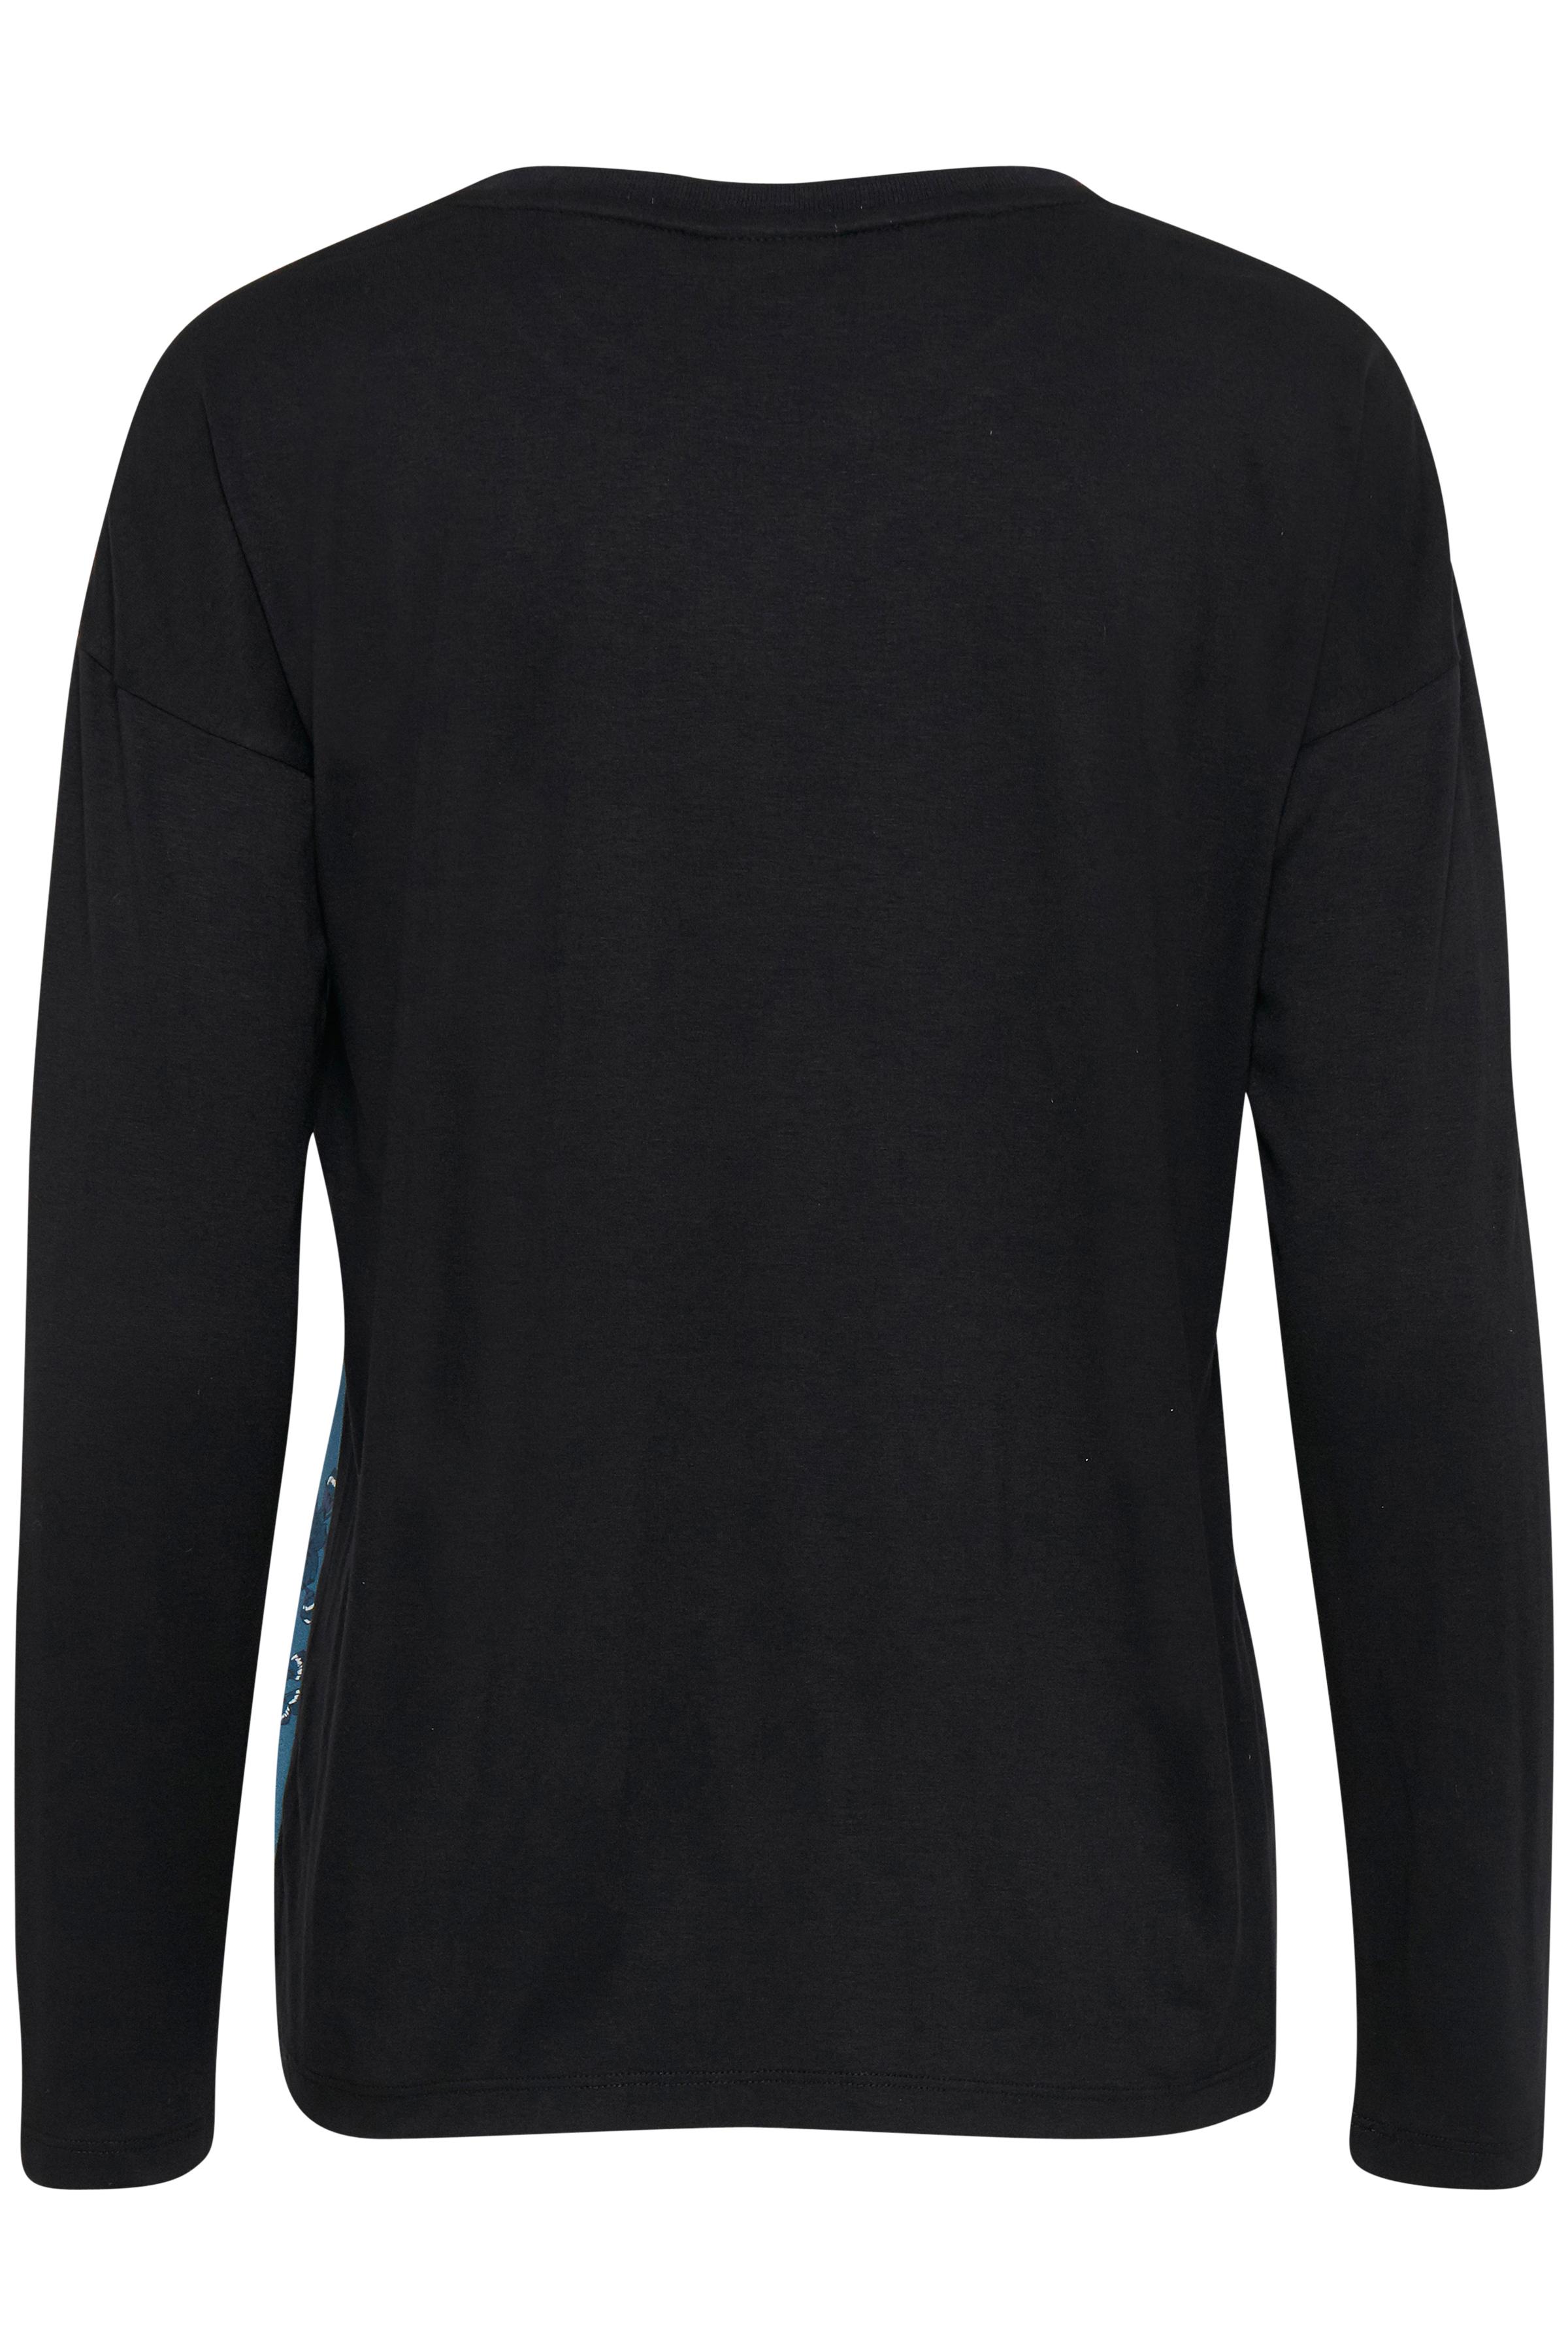 Black T-shirt met lange mouwen van b.young – Koop Black T-shirt met lange mouwen hier van size XS-XXL